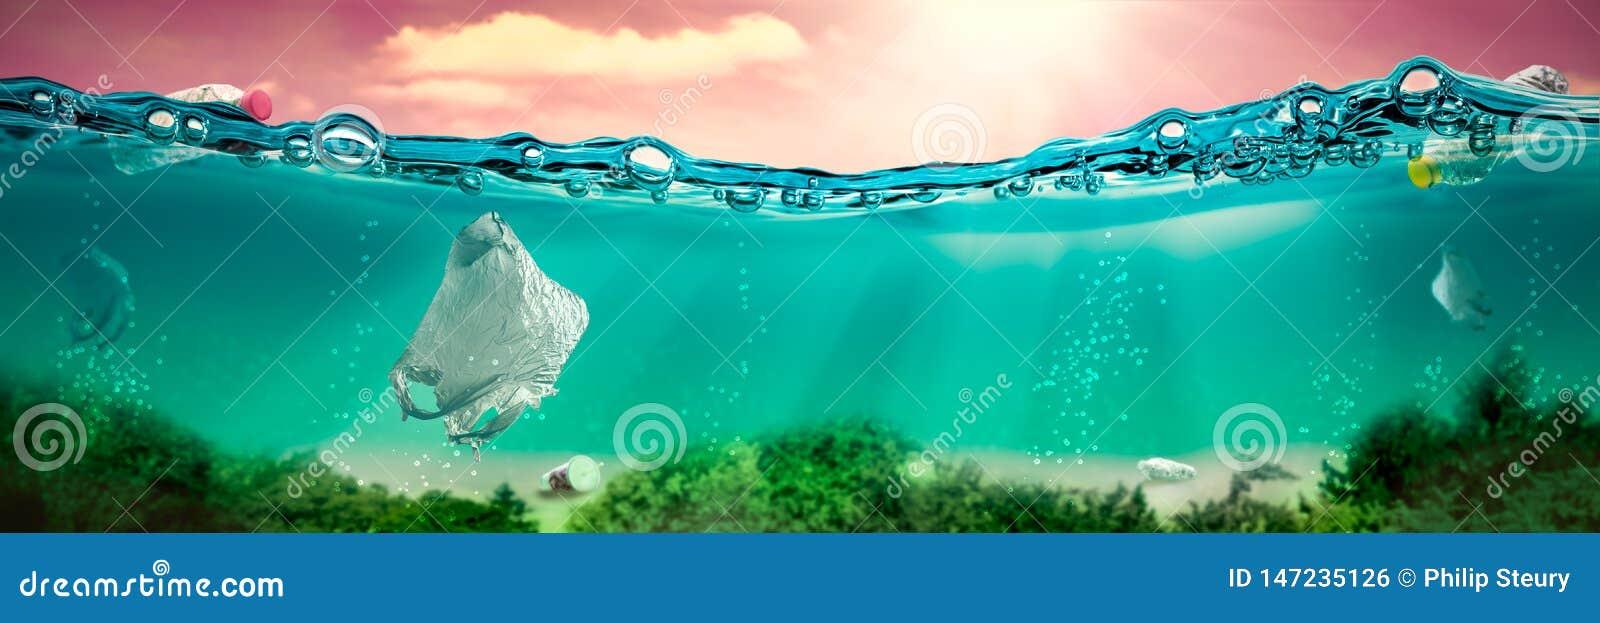 Sob a cena da água com sacos de plástico e garrafas